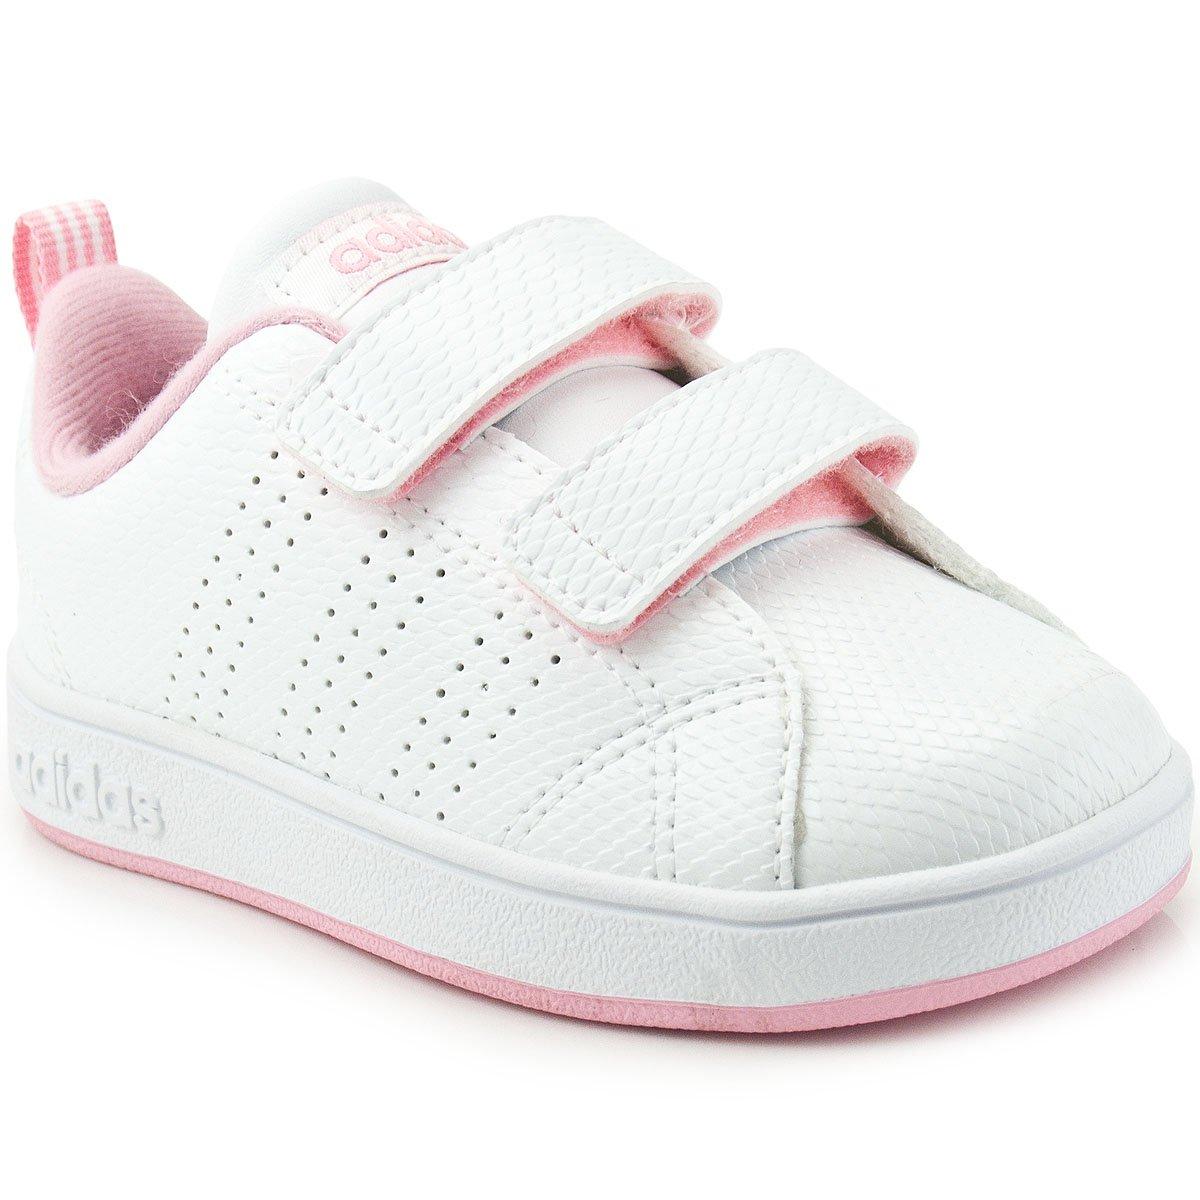 3ed4851146 Tênis Infantil Adidas Advantage VS Clean